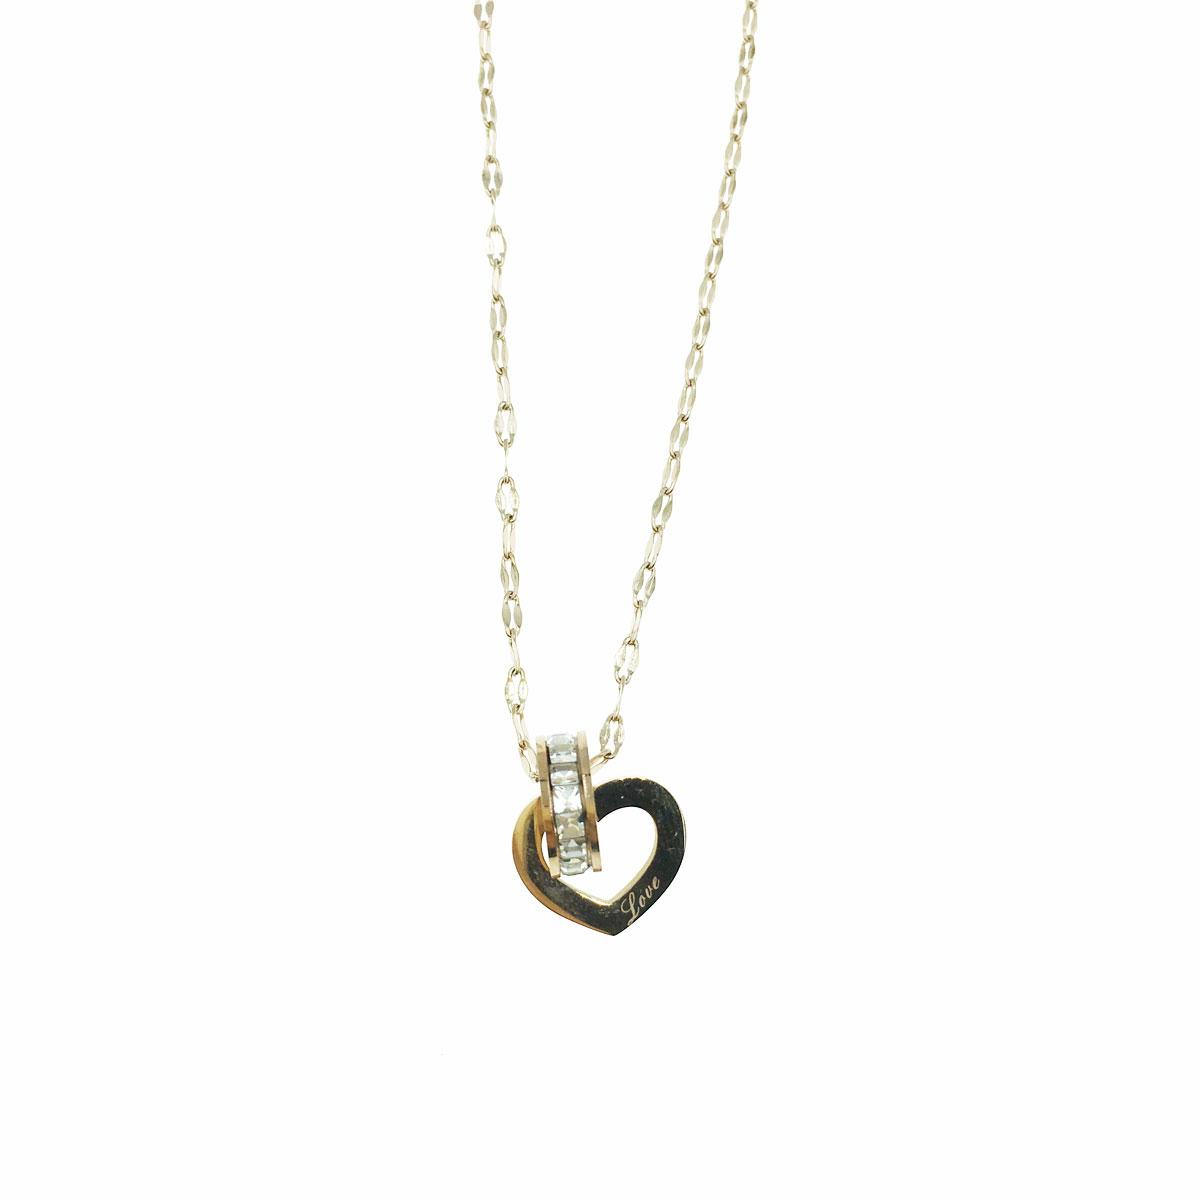 韓國 不銹鋼 水鑽 愛心 英文 圓 鎖骨鍊 短鍊 項鍊 飾品